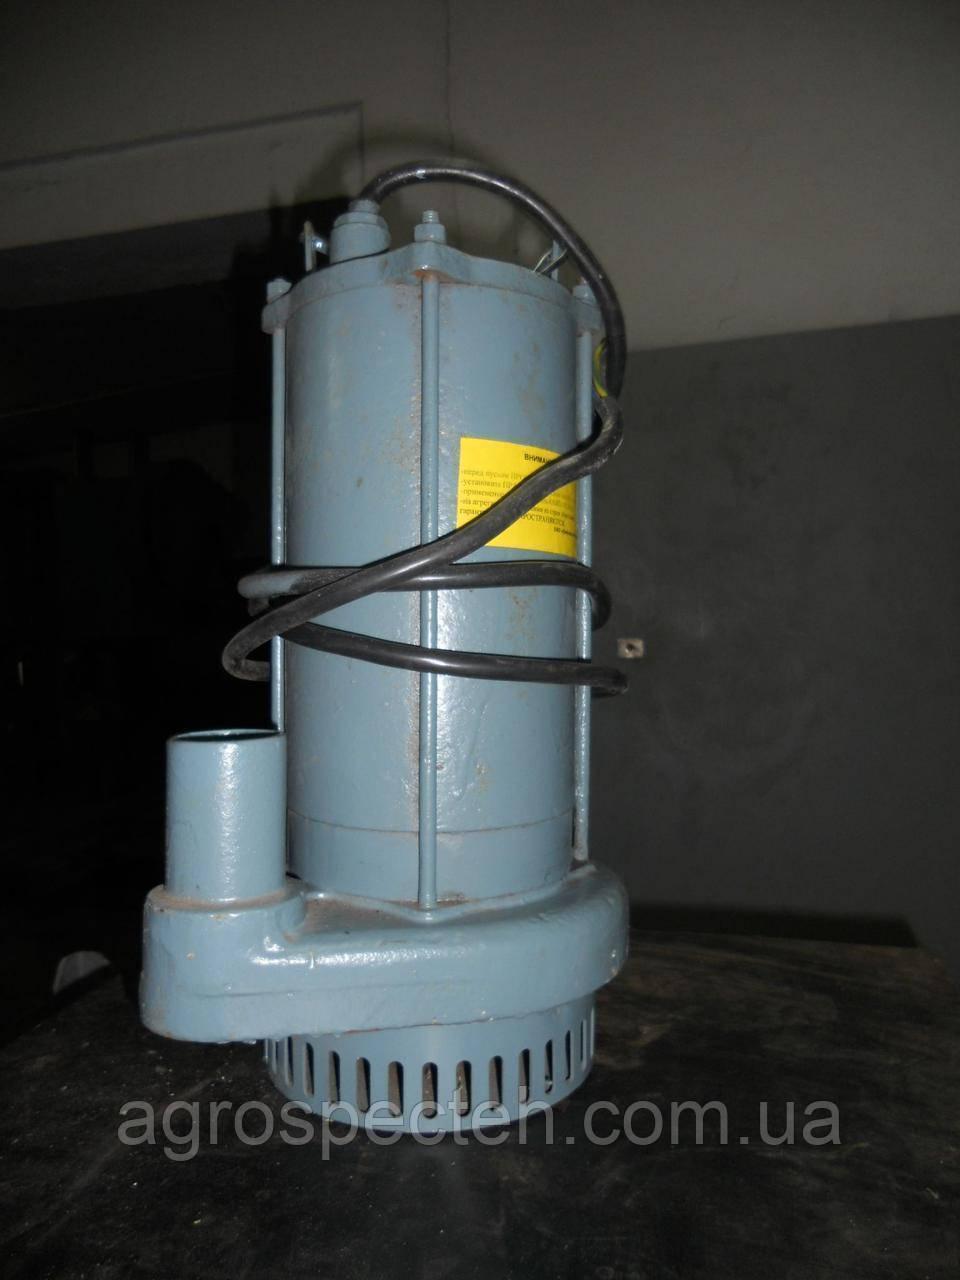 Насос ЦМК 10-10 (380 В)